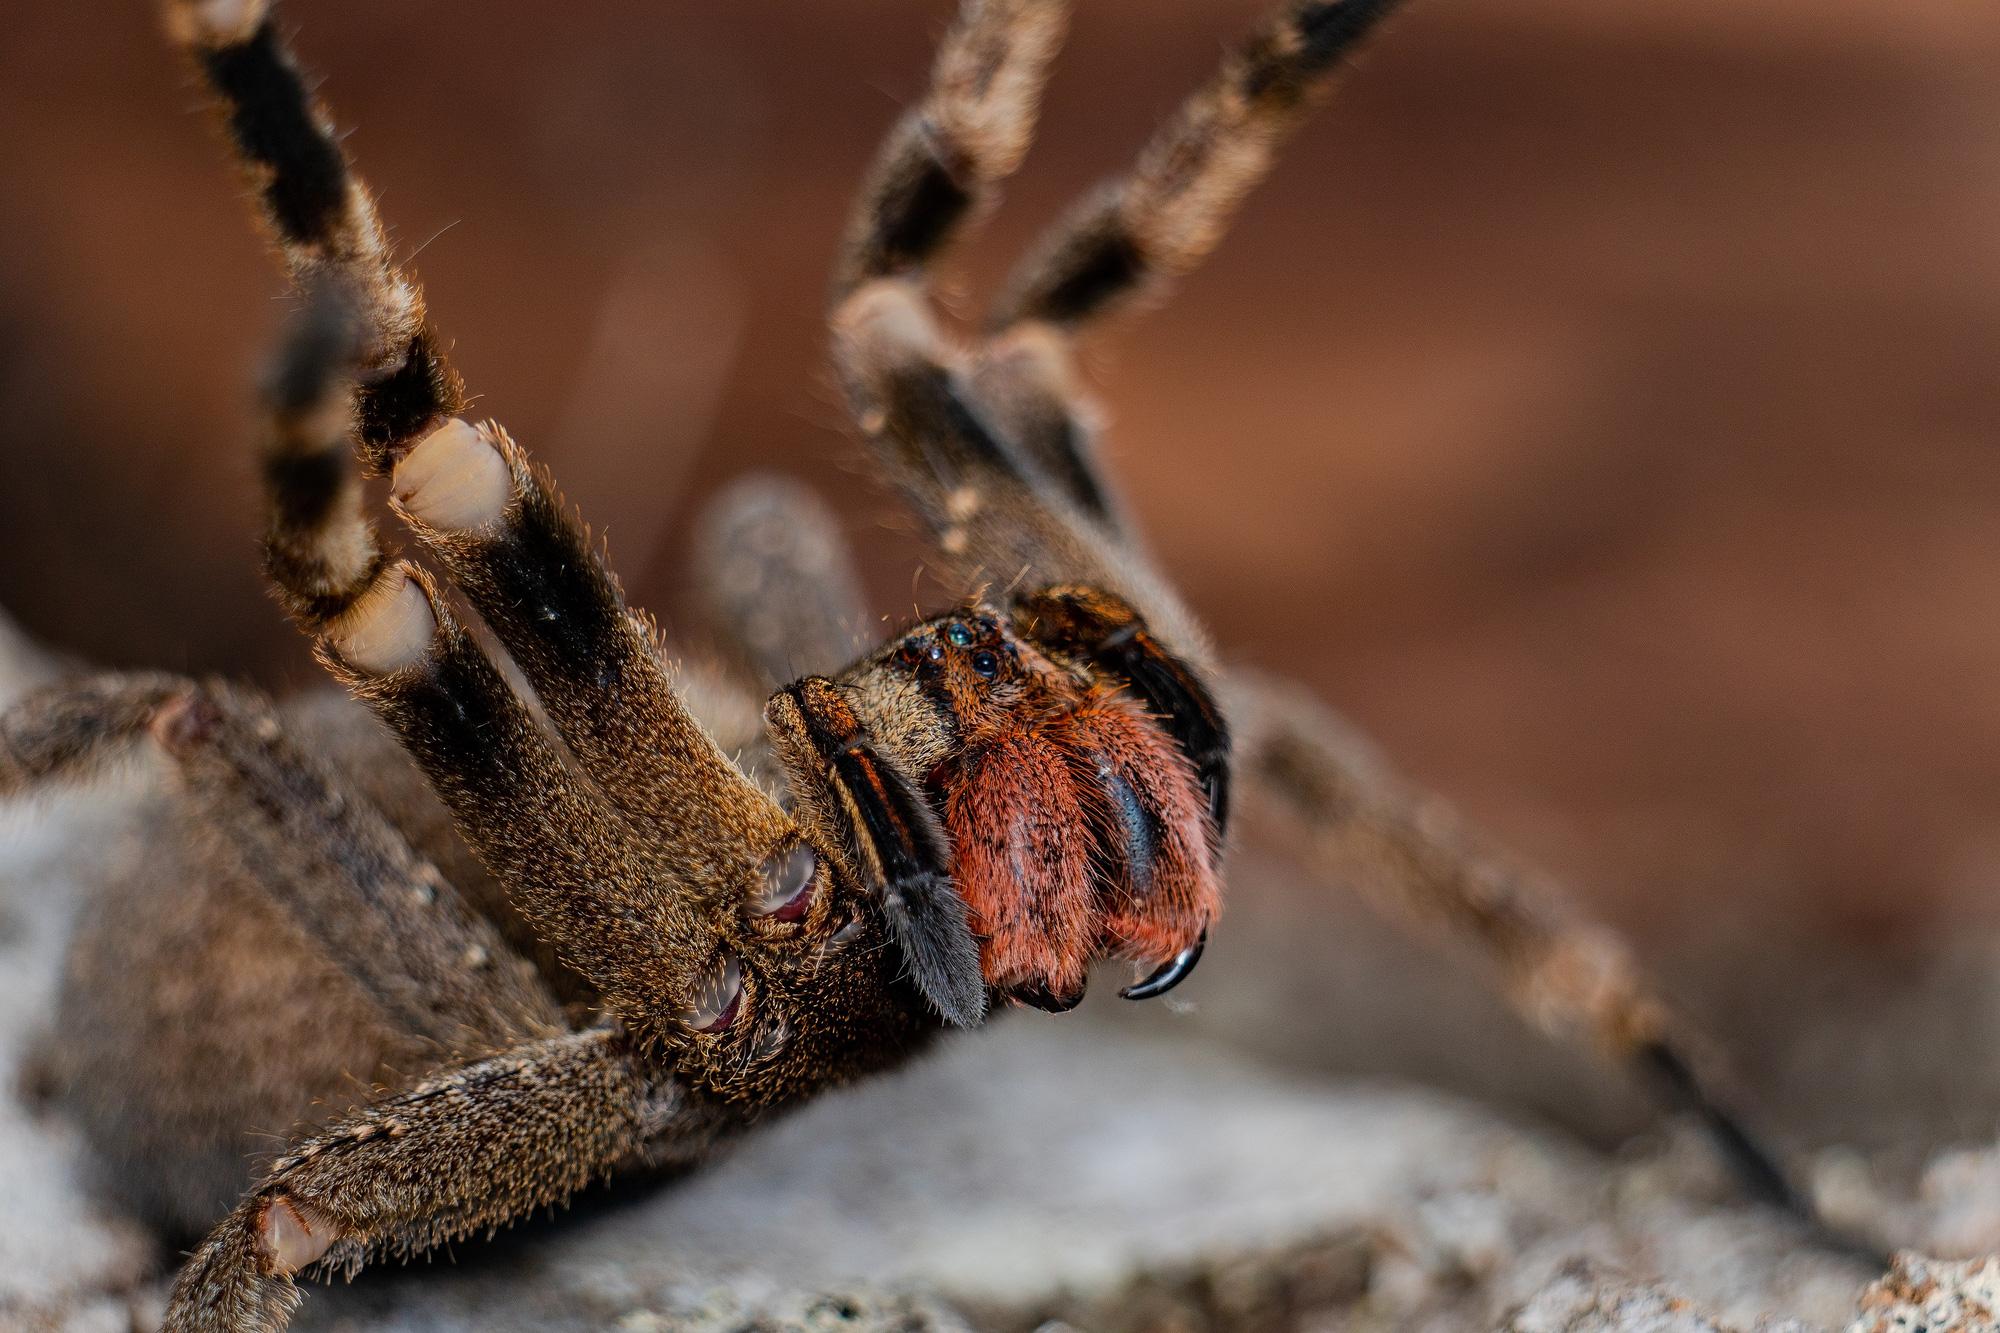 Cận cảnh loài nhện độc nhất thế giới có thể hạ gục người chỉ trong một vết cắn - Ảnh 5.